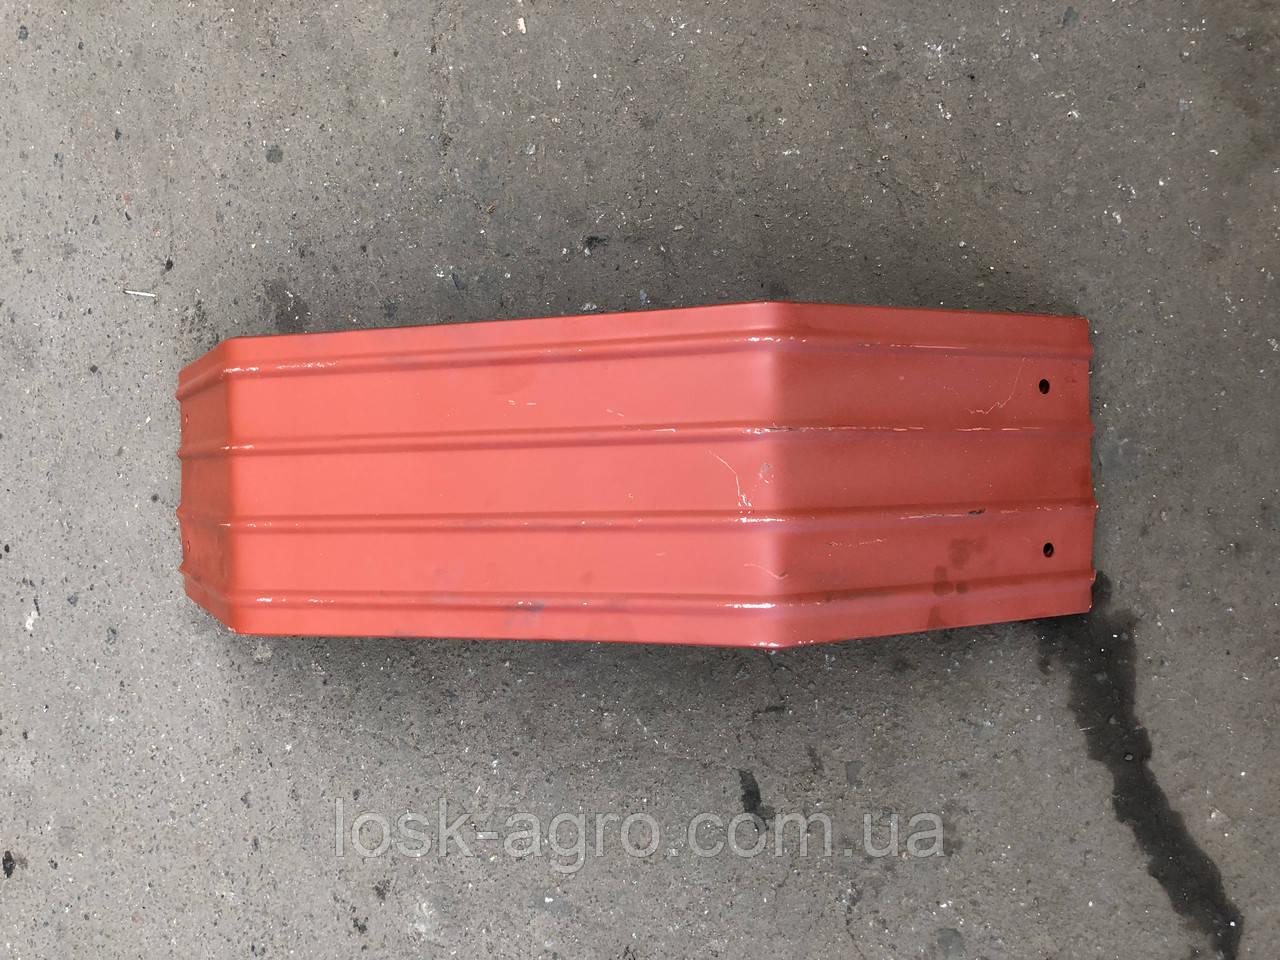 Крило переднє ЮМЗ праве/ліве голе 45-8403070